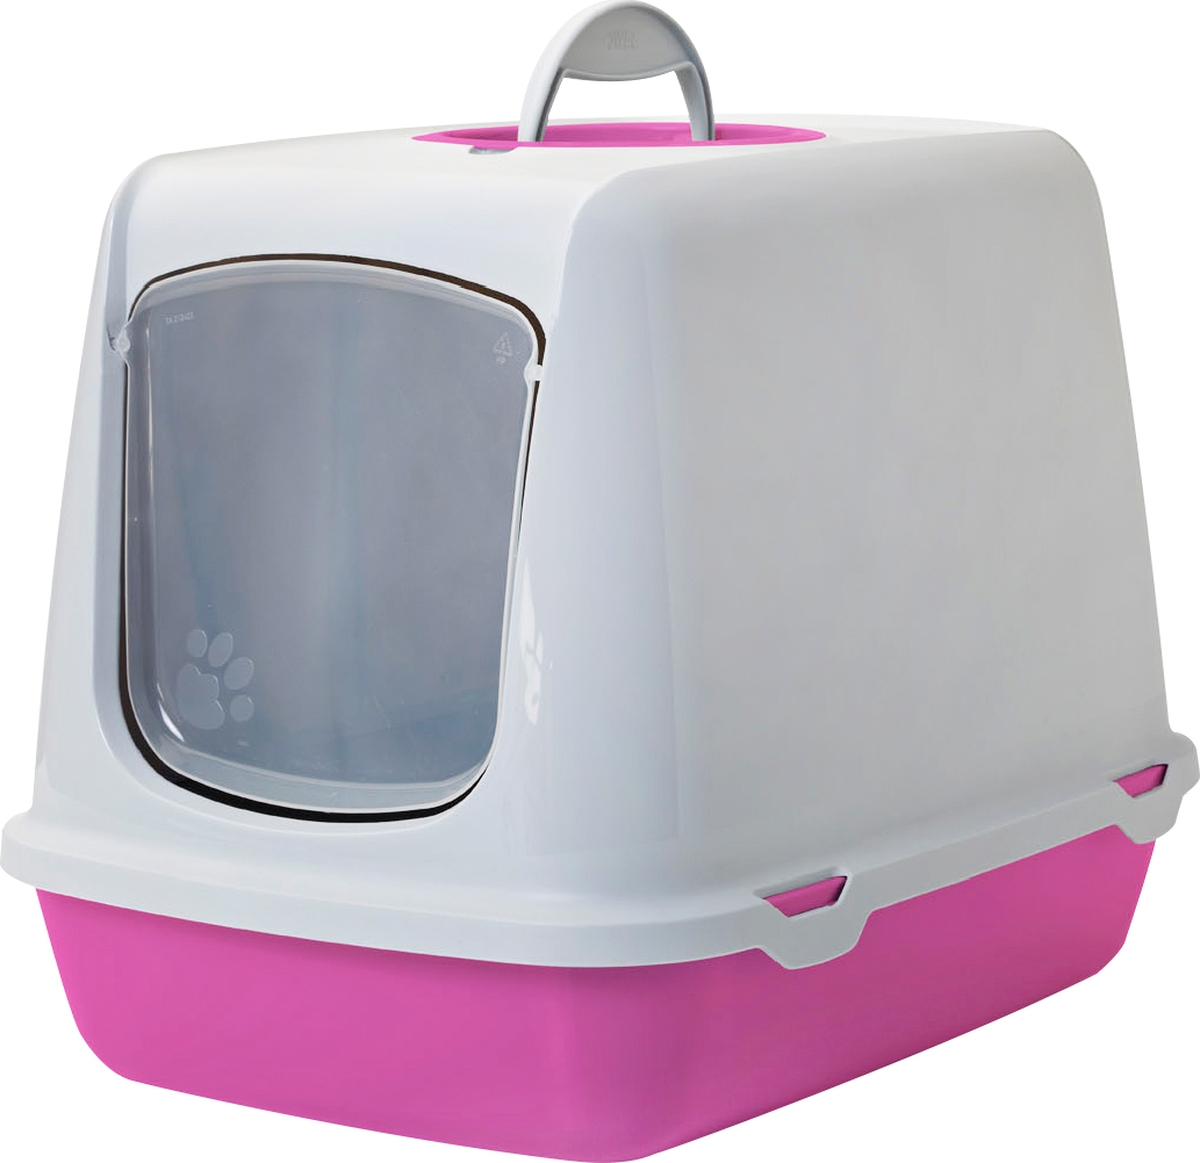 Туалет для кошек Savic Oscar, цвет: белый, розовый, 50 х 37 х 13,9 см секция для перегородки savic barruer дополнительная 75 х 7 см